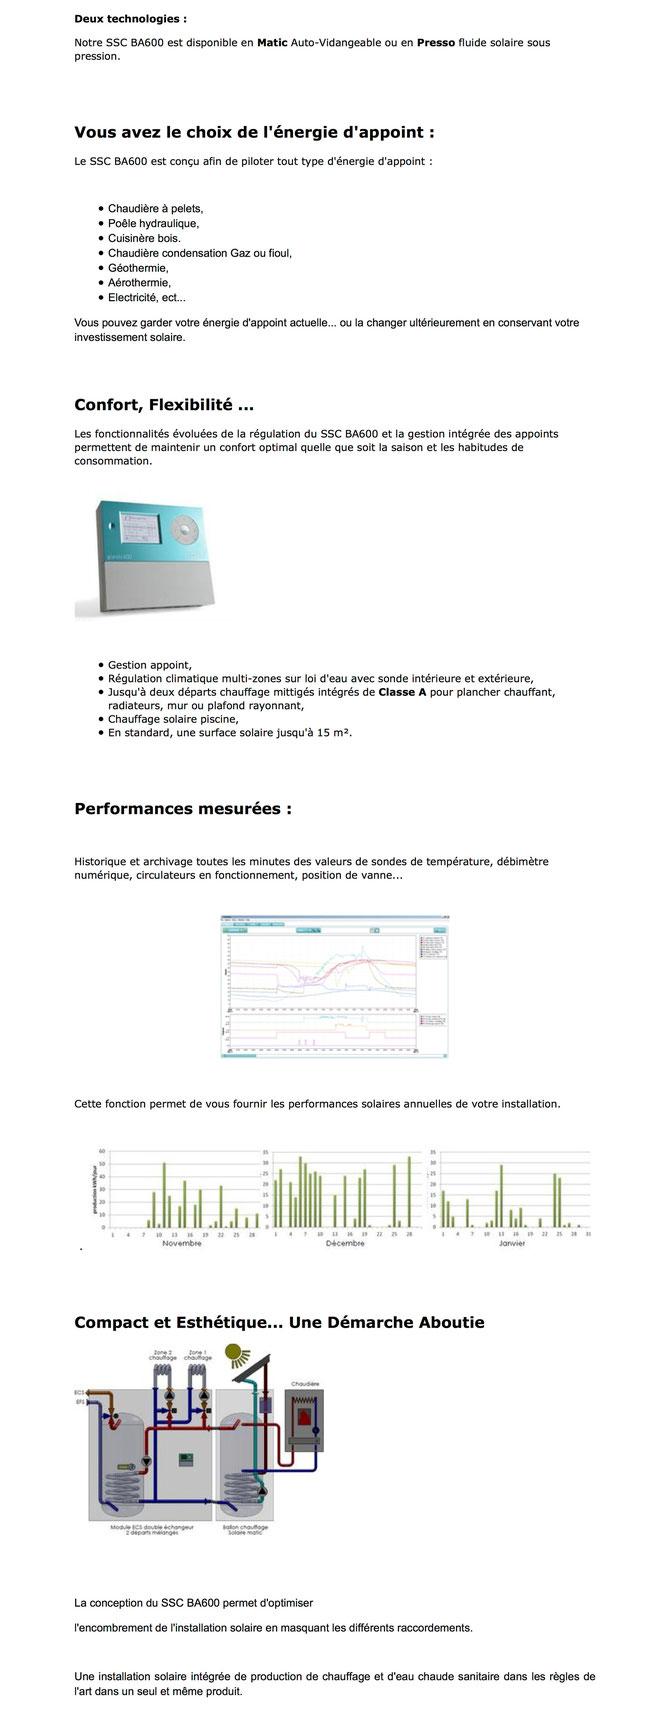 SSC bi-accumulation - Chaudière à pelets pellets - Poële hydraulique - Cuisinière bois - Chaudière condensation Gaz ou Fioul - Géothermie - Aérotherme - Electricité - Système Solaire Combiné Bi-Accumulation BA600 - ECS Eau Chaude Solaire - intégré compact